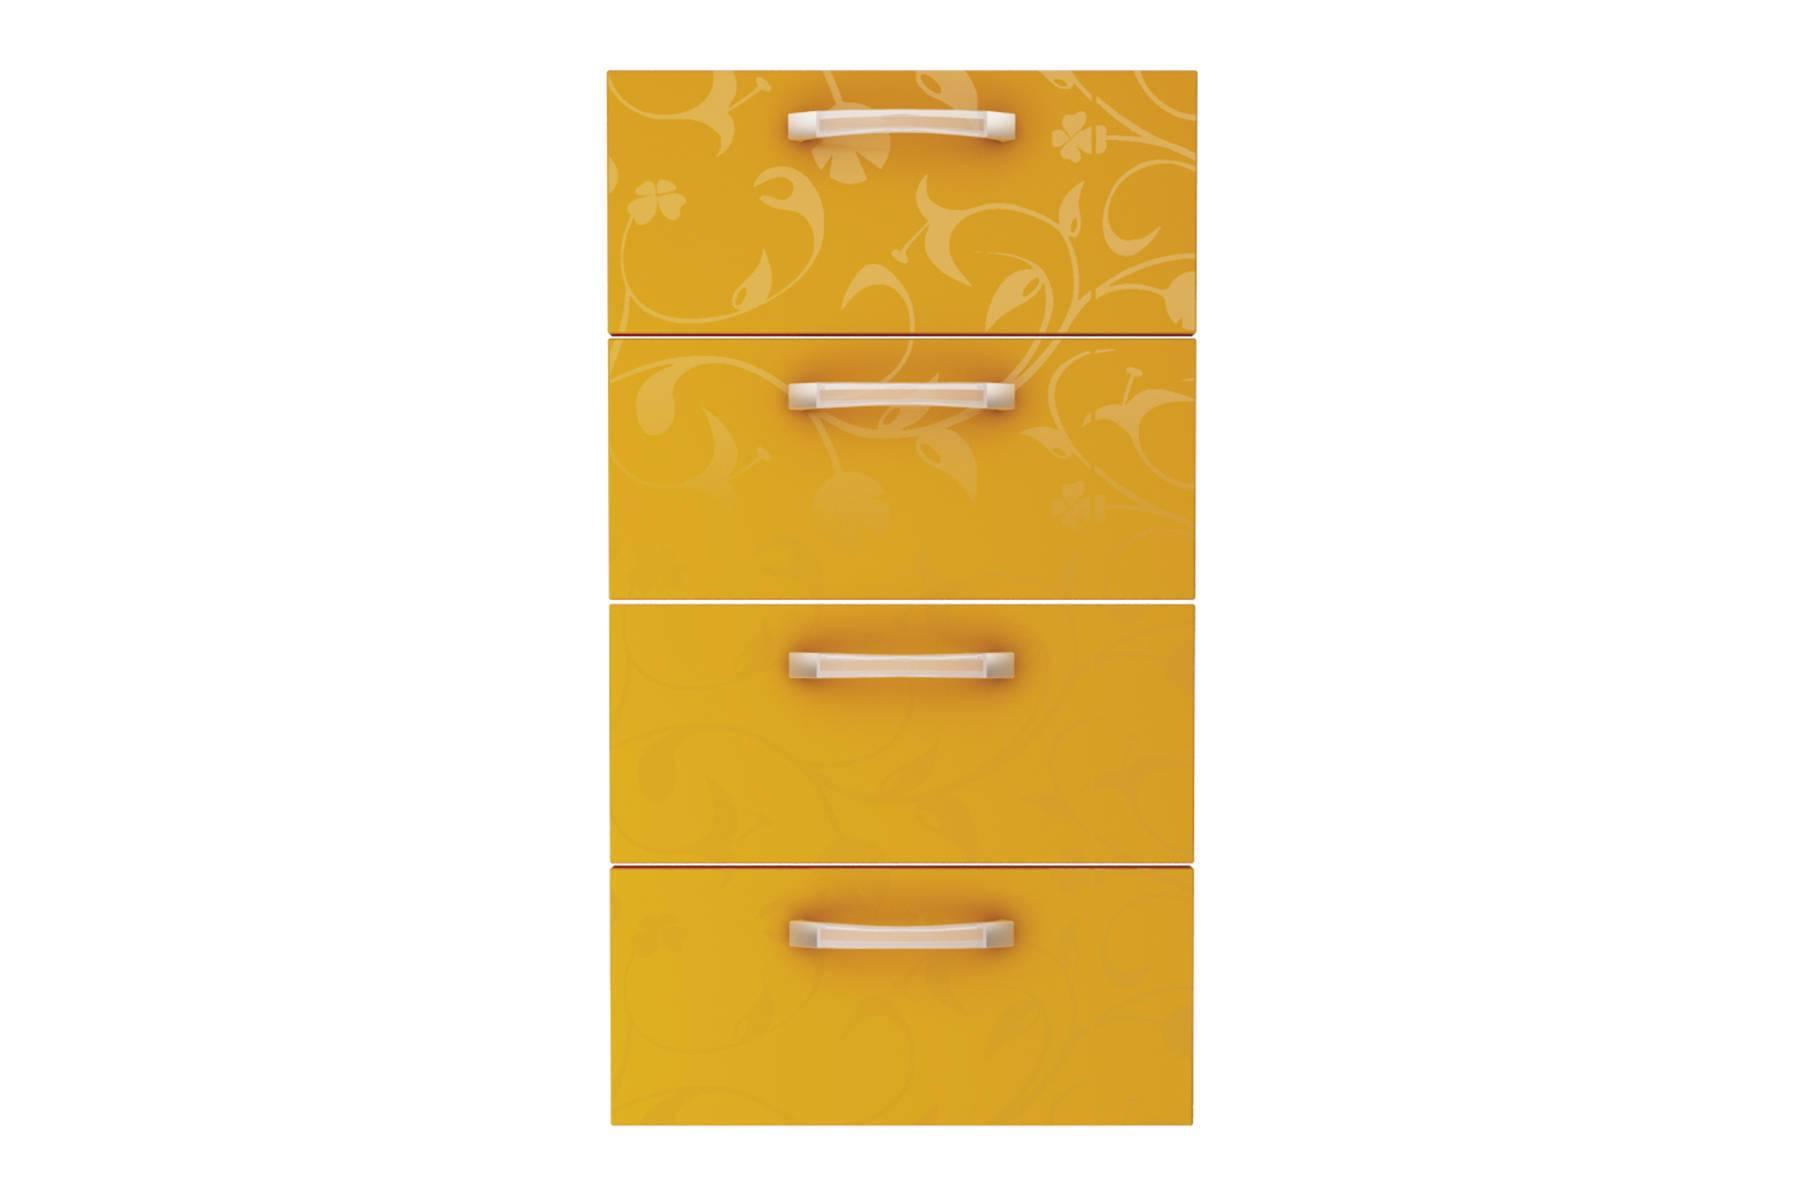 кухонные напольные шкафы отдельно купить недорого в уфе